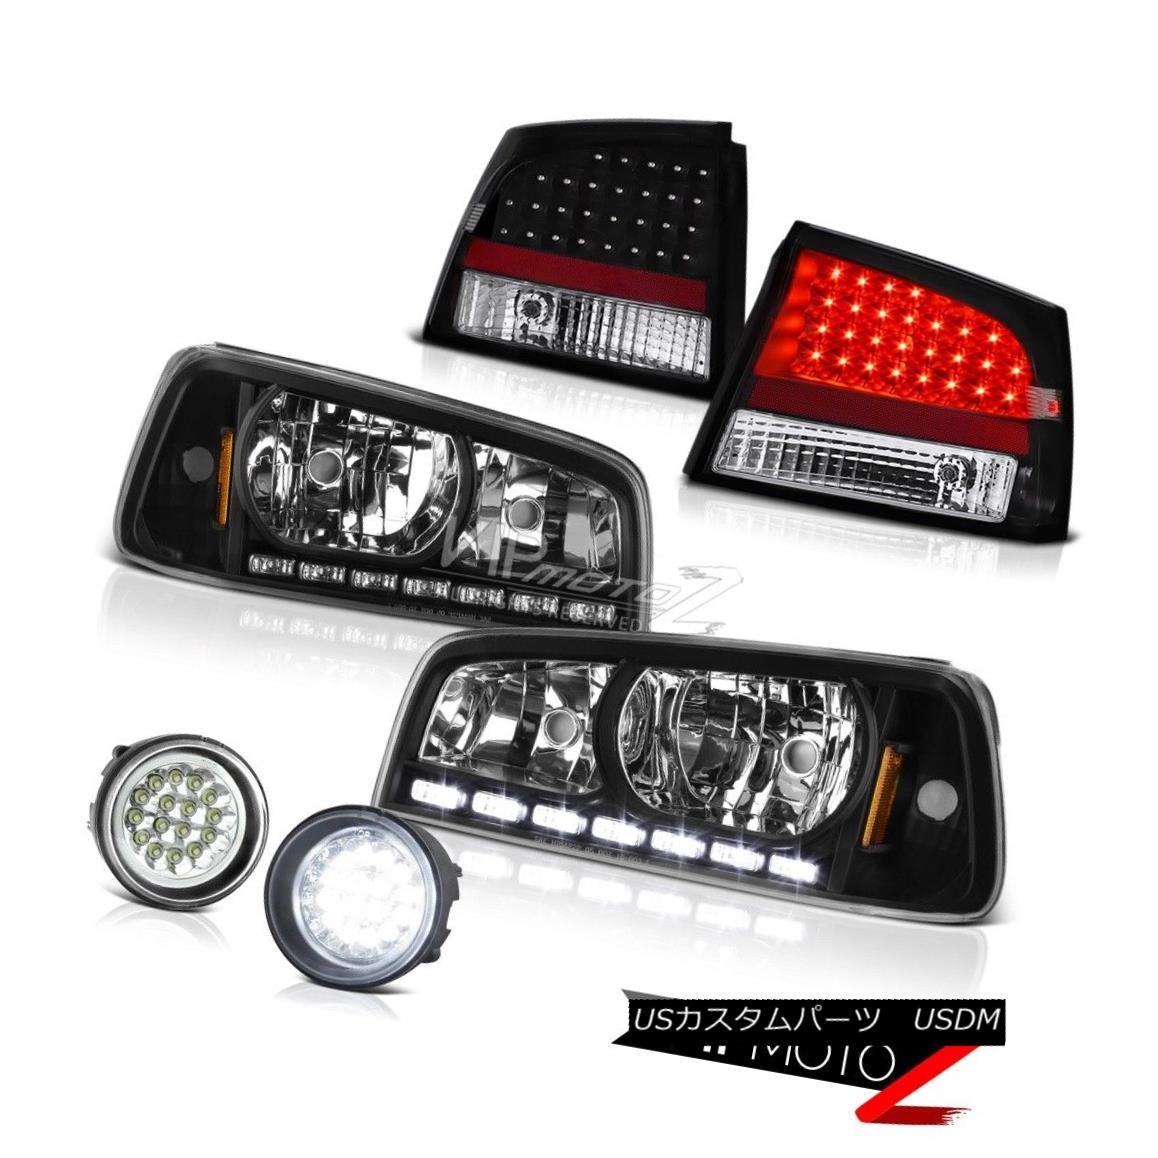 テールライト 2006 2007 2008 Charger SRT8 Black LED Headlight+Rear Tail Light+FULL LED Foglamp 2006 2007 2008充電器SRT8ブラックLEDヘッドライト+リアテールライト+フルLEDフォグライト